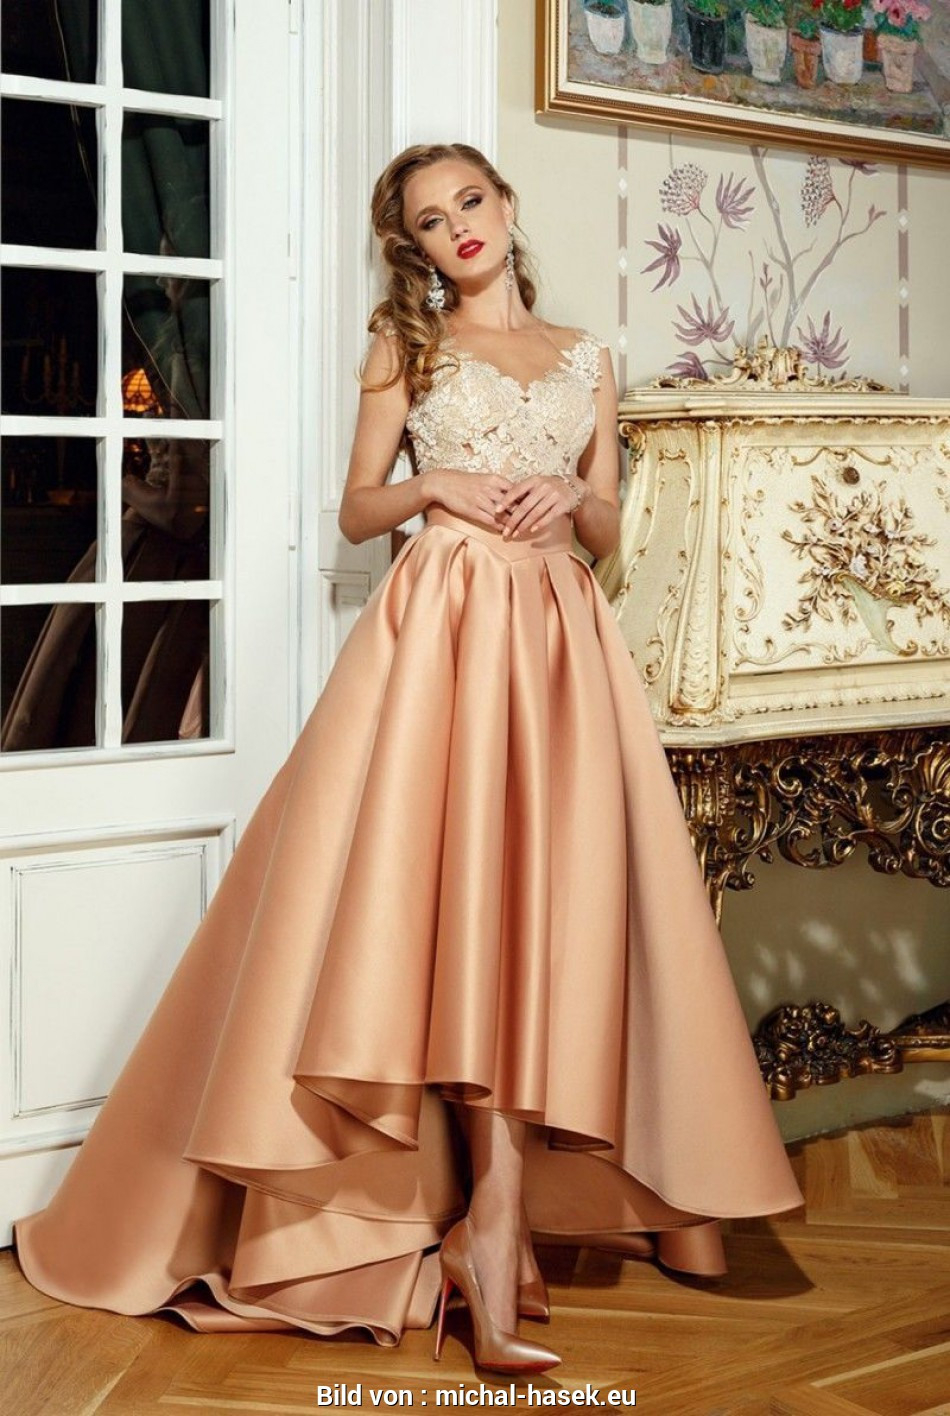 17 Ausgezeichnet Abendkleider Kurz Und Lang für 2019Designer Luxurius Abendkleider Kurz Und Lang Vertrieb